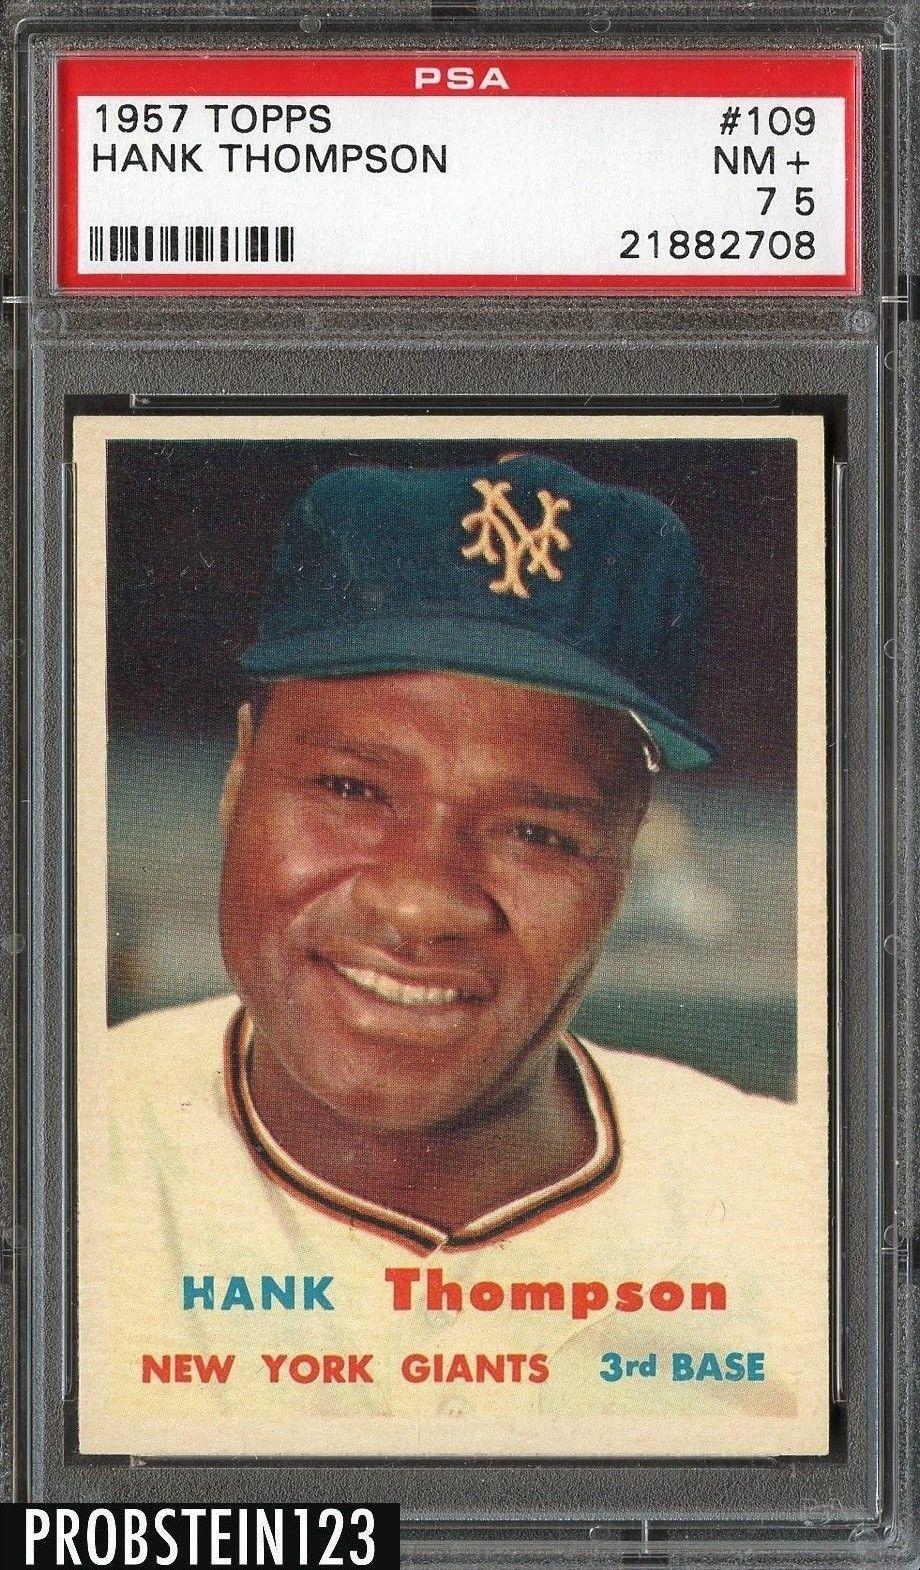 1957 topps baseball cards baseball cards for sale new